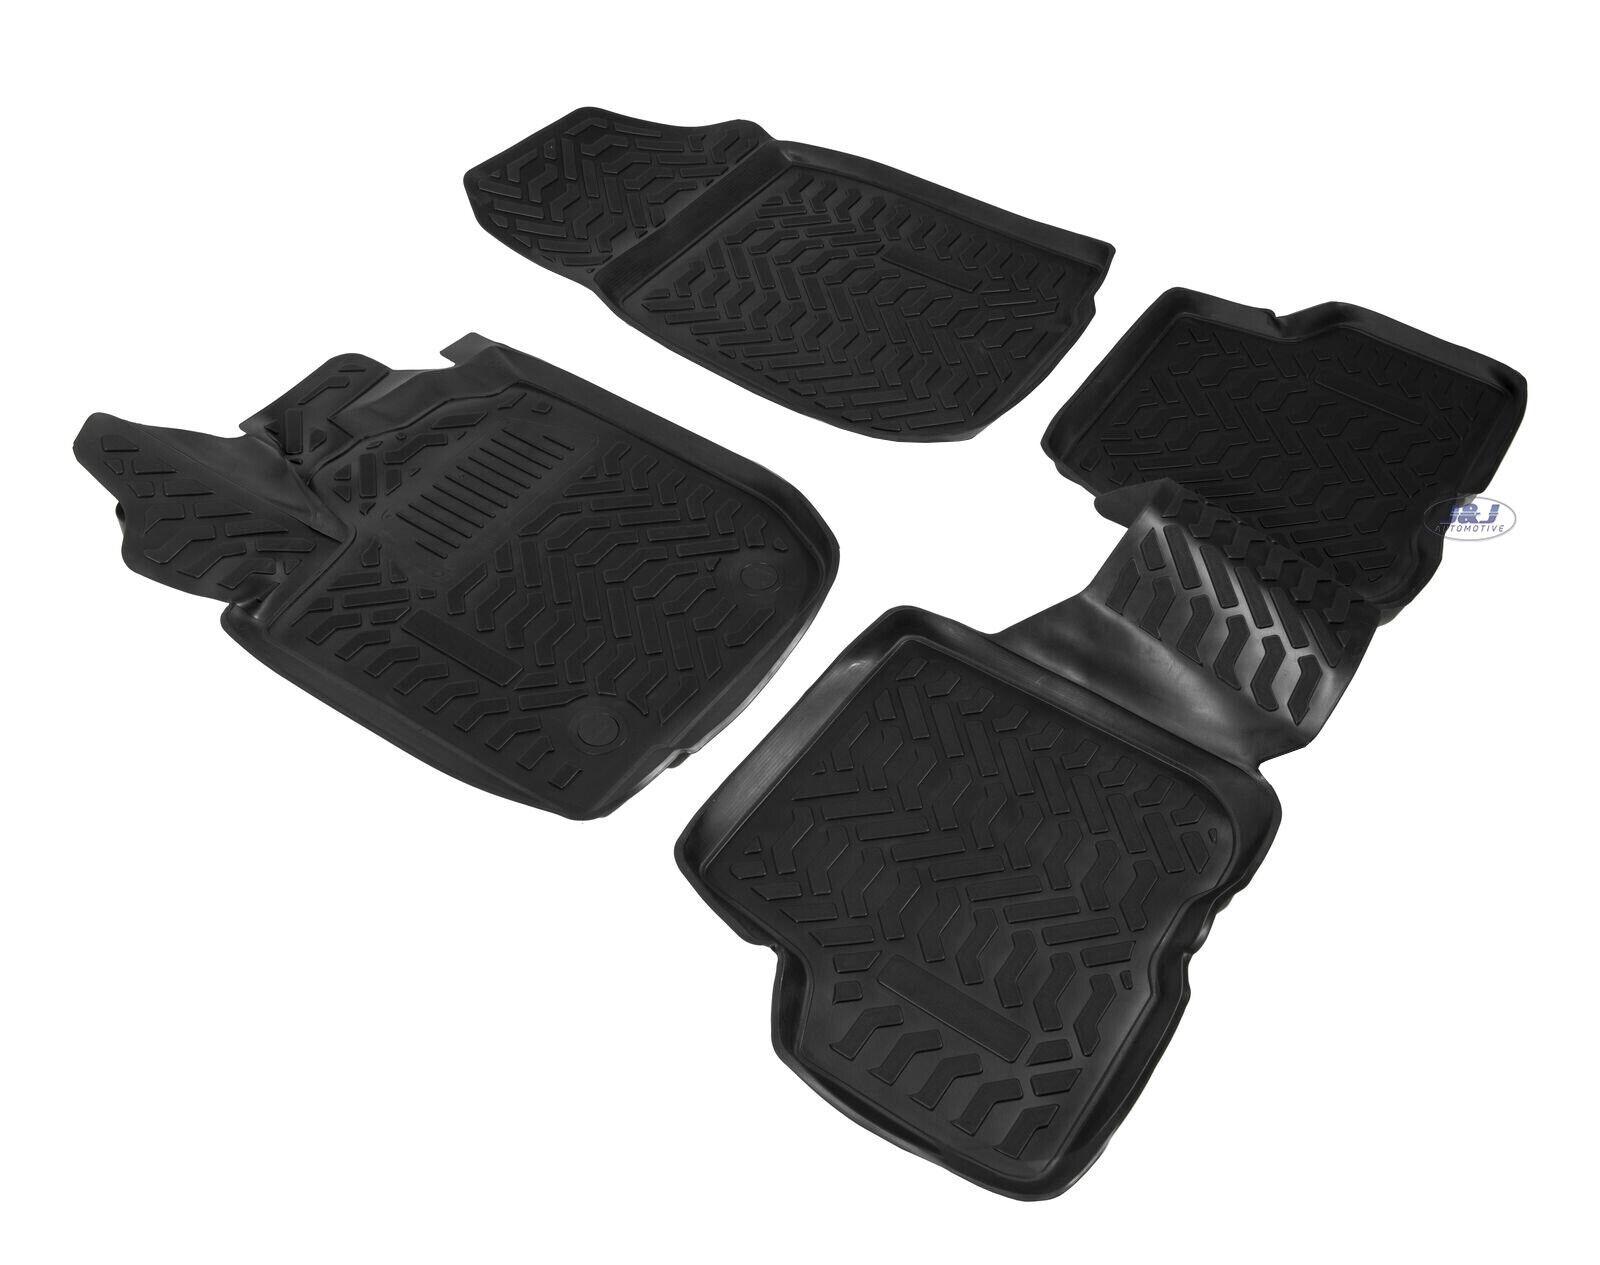 details sur 3d exclusive tapis de sol en caoutchouc noir dacia sandero stepway ii 2012 2020